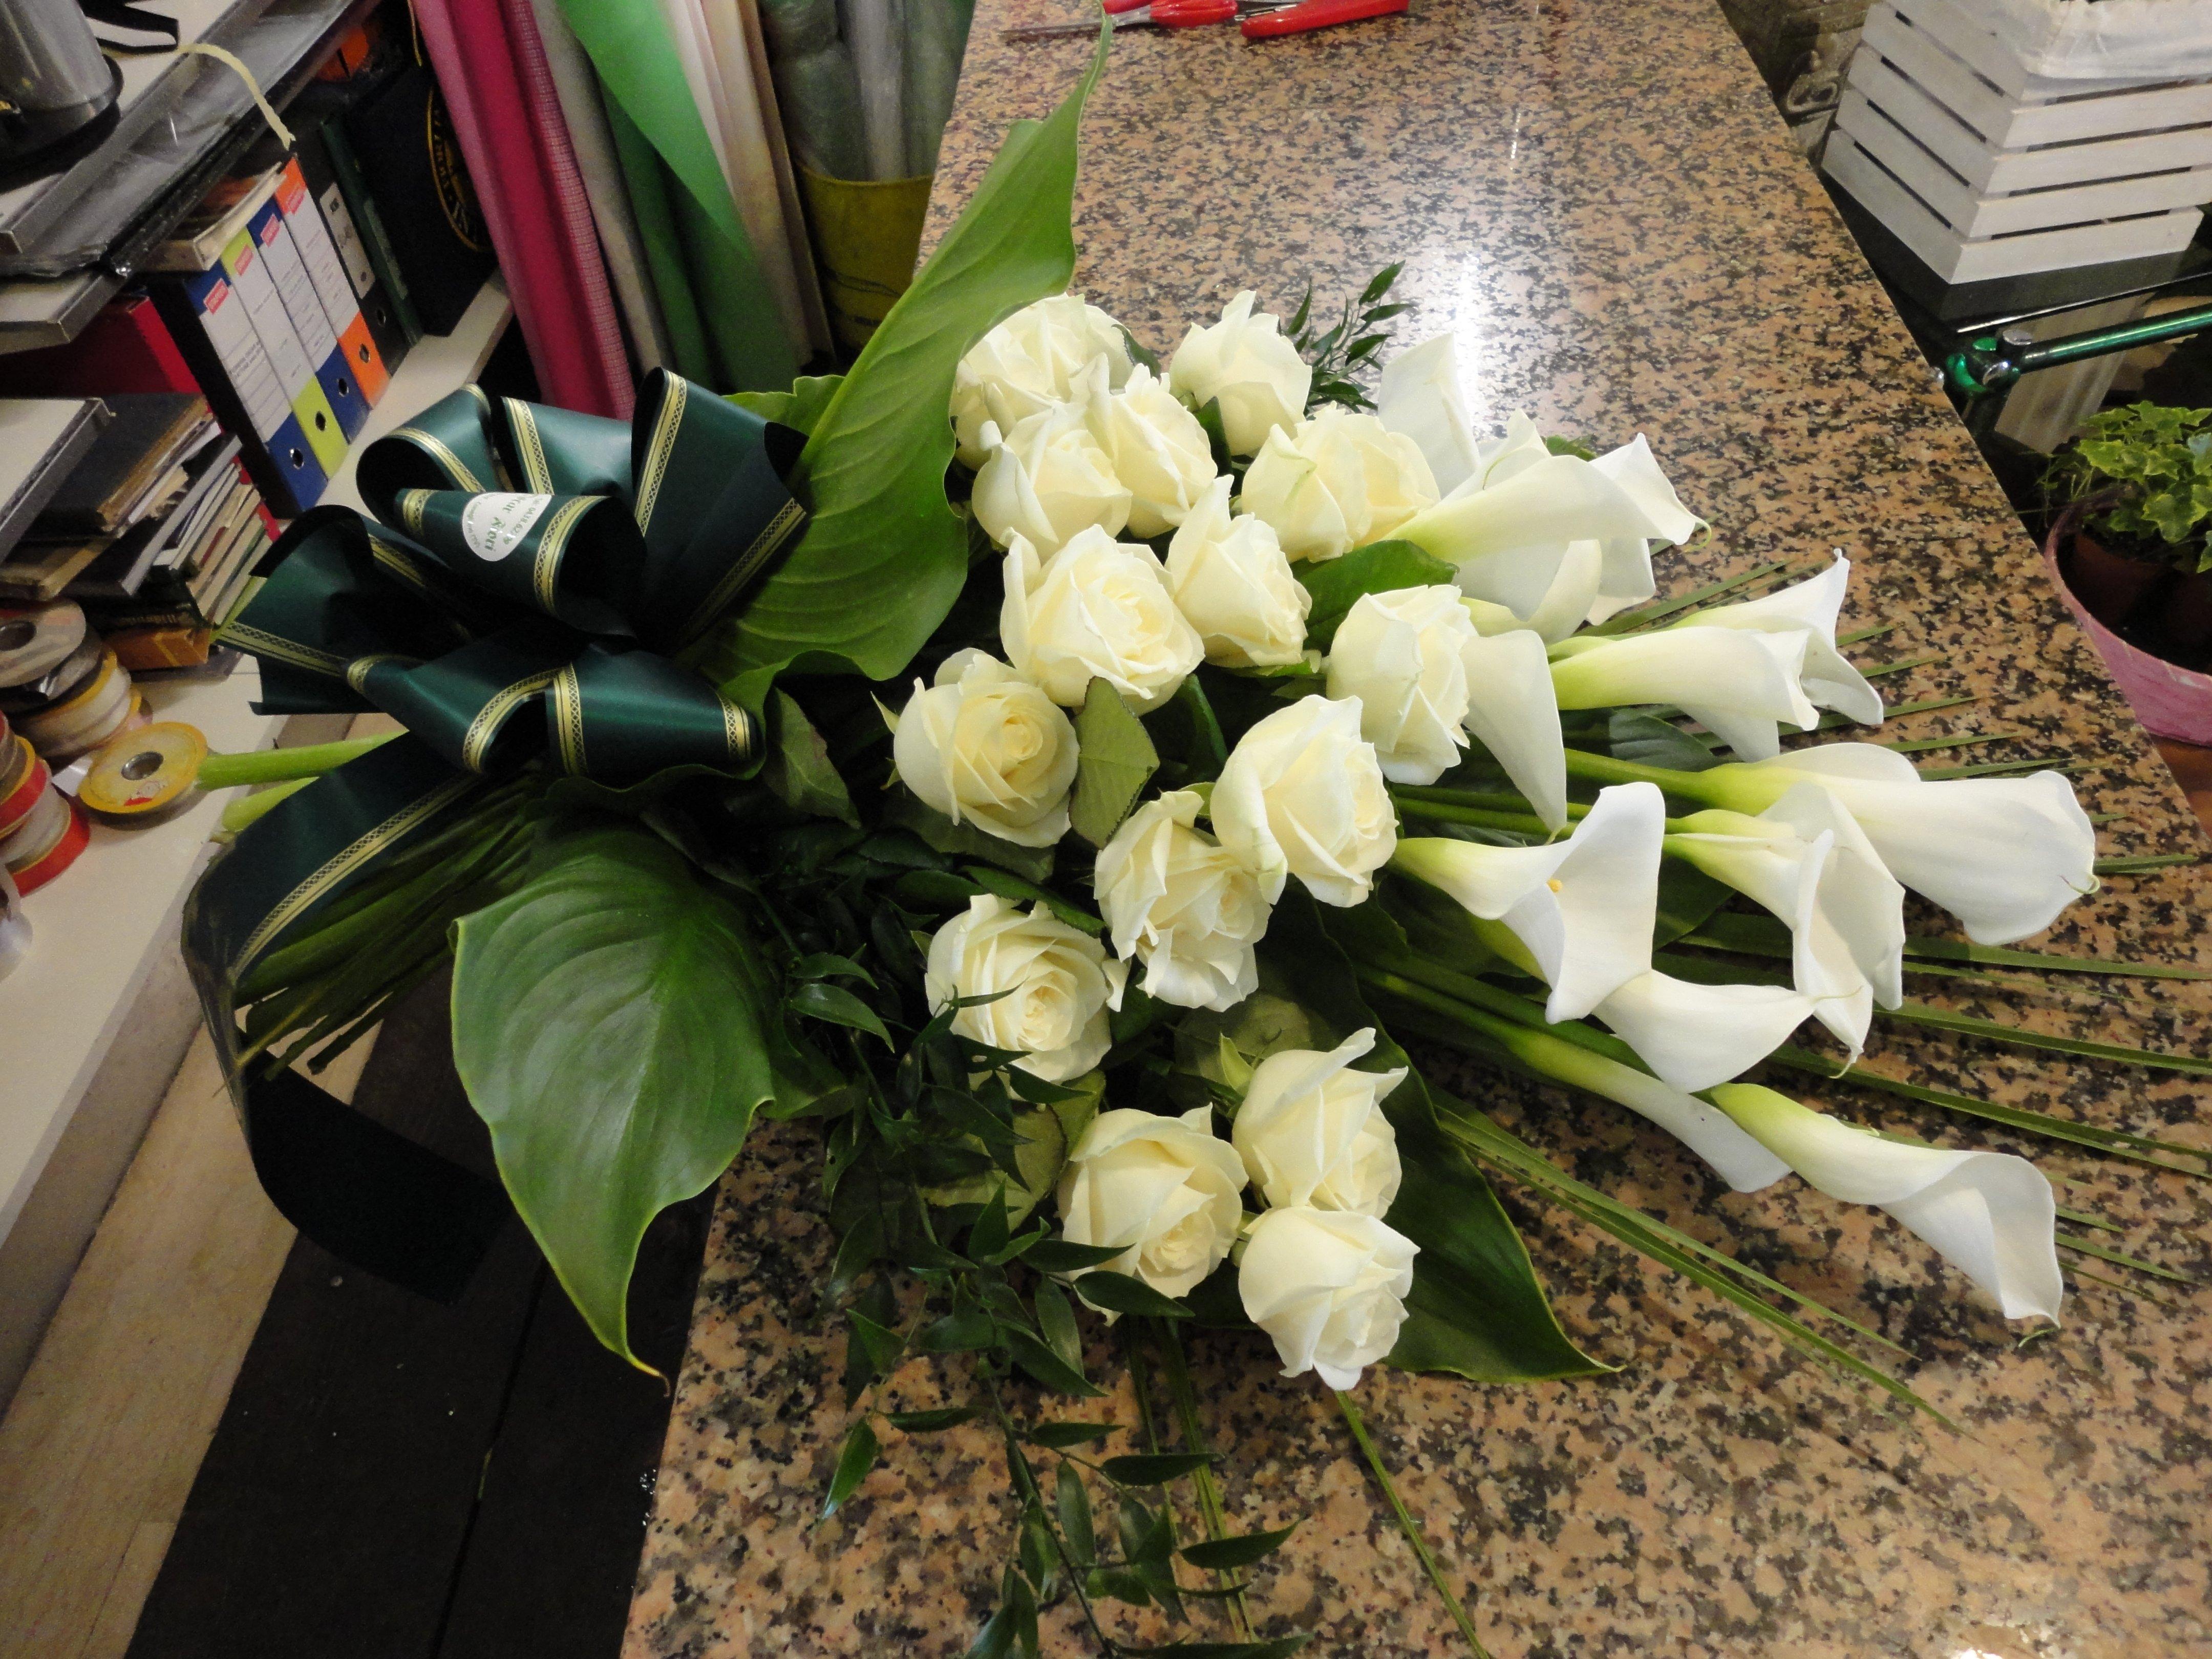 mazzo di rose e calle bianche appoggiate sul bancone di un negozio